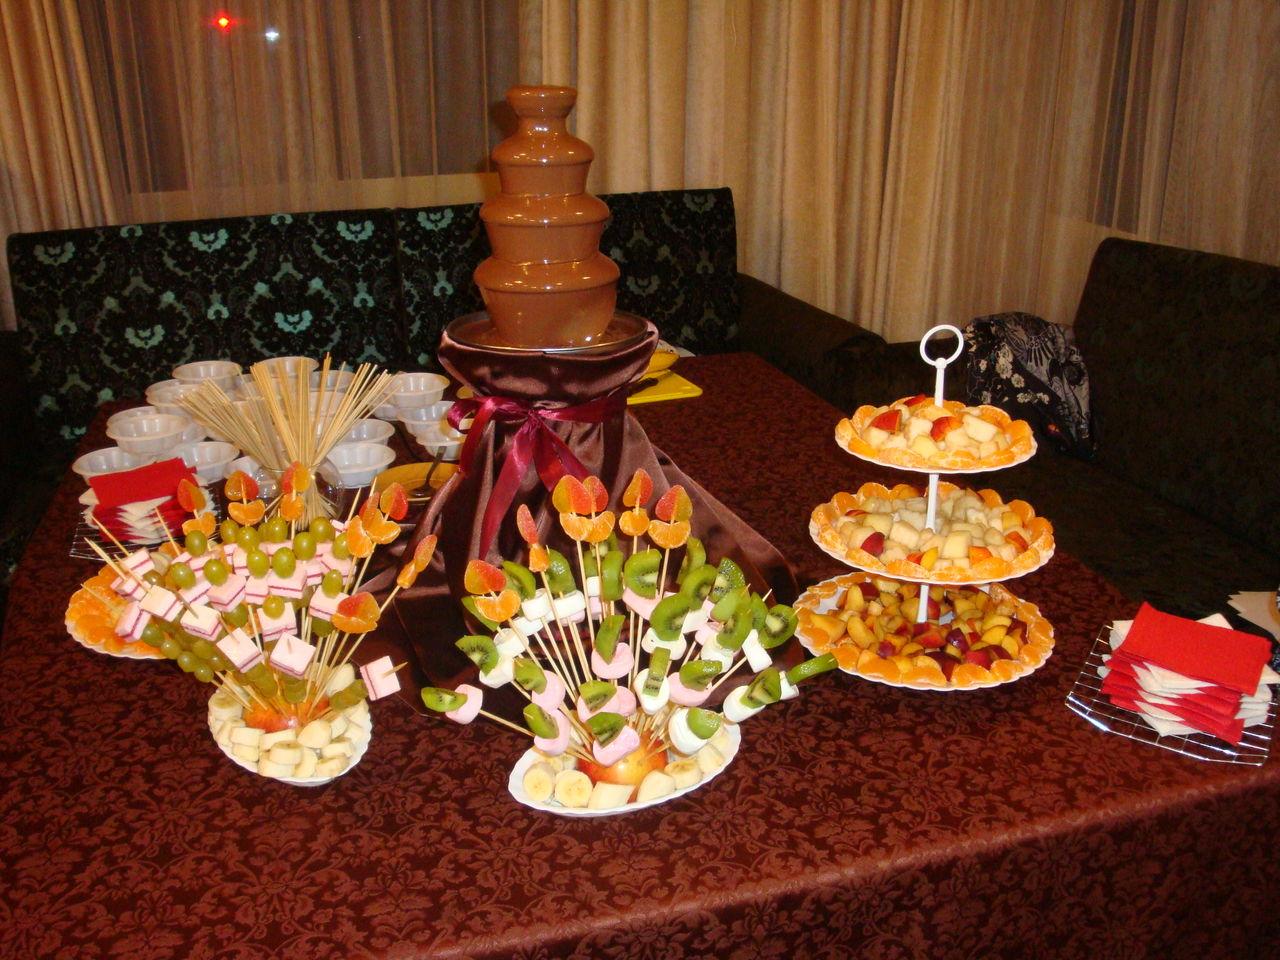 Какие блюда можно приготовить на свадьбу в домашних условиях